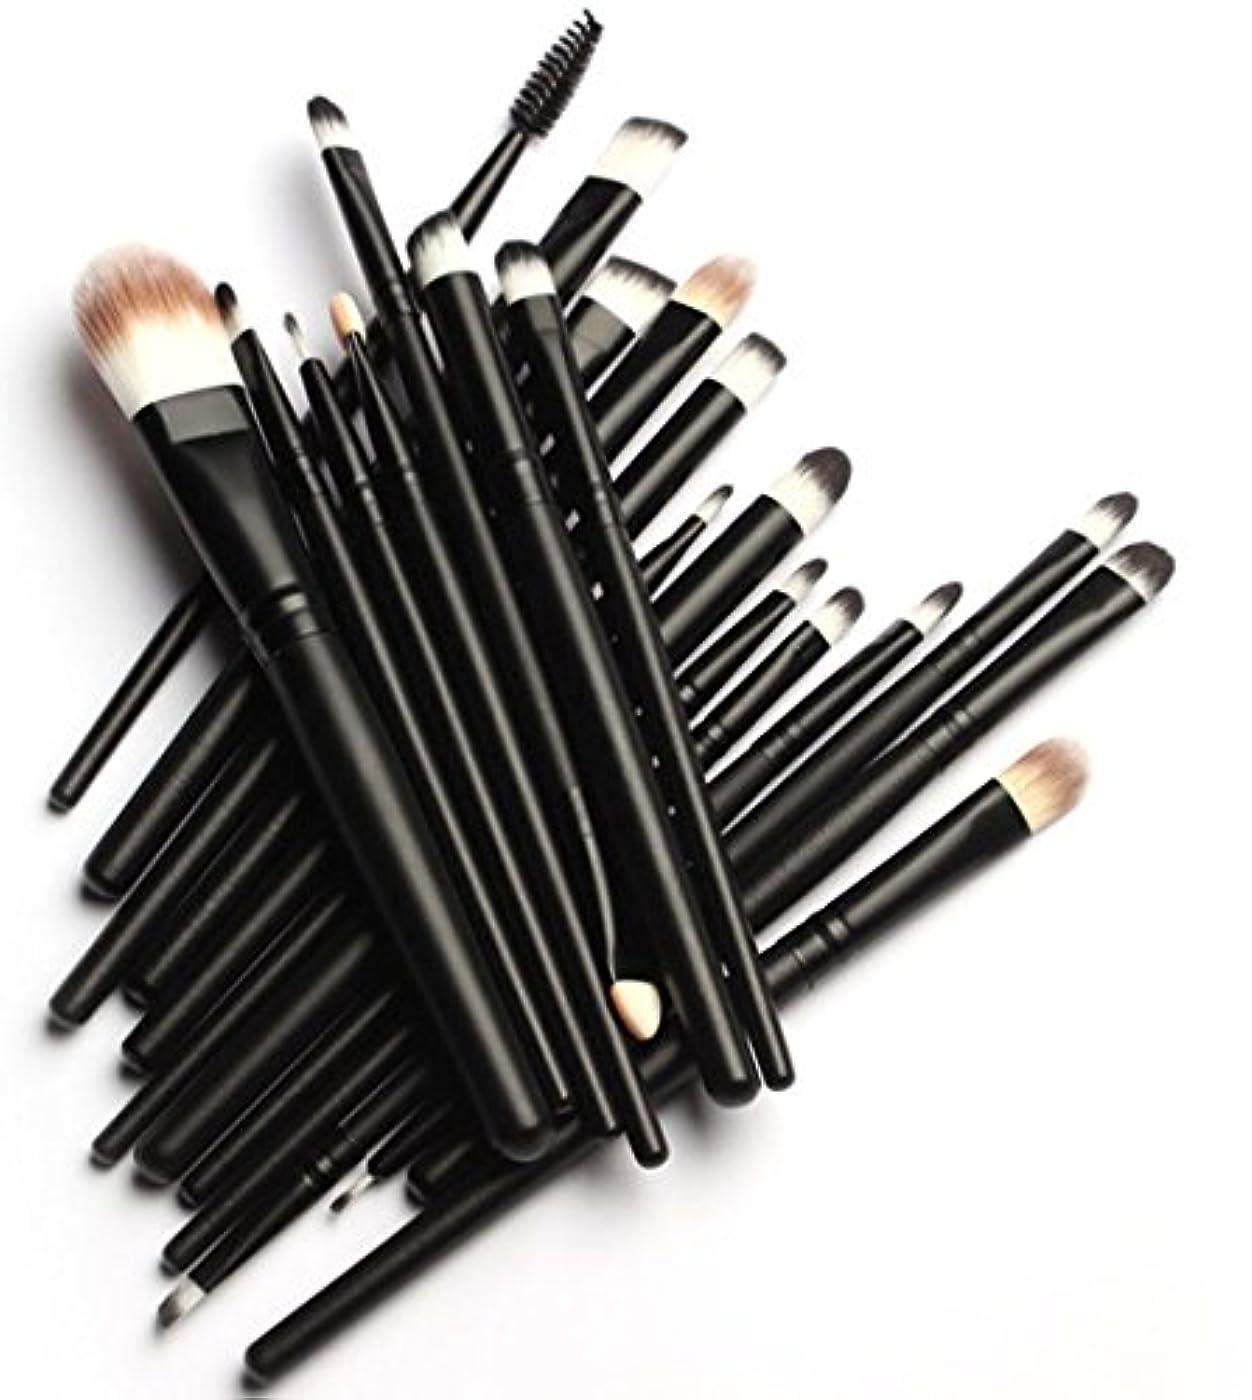 名声主流有彩色の(メイクアップエーシーシー)MakeupAccメイクブラシ20本セット 化粧筆 多機能 柔らかい 黒 化粧セット【並行輸入品】